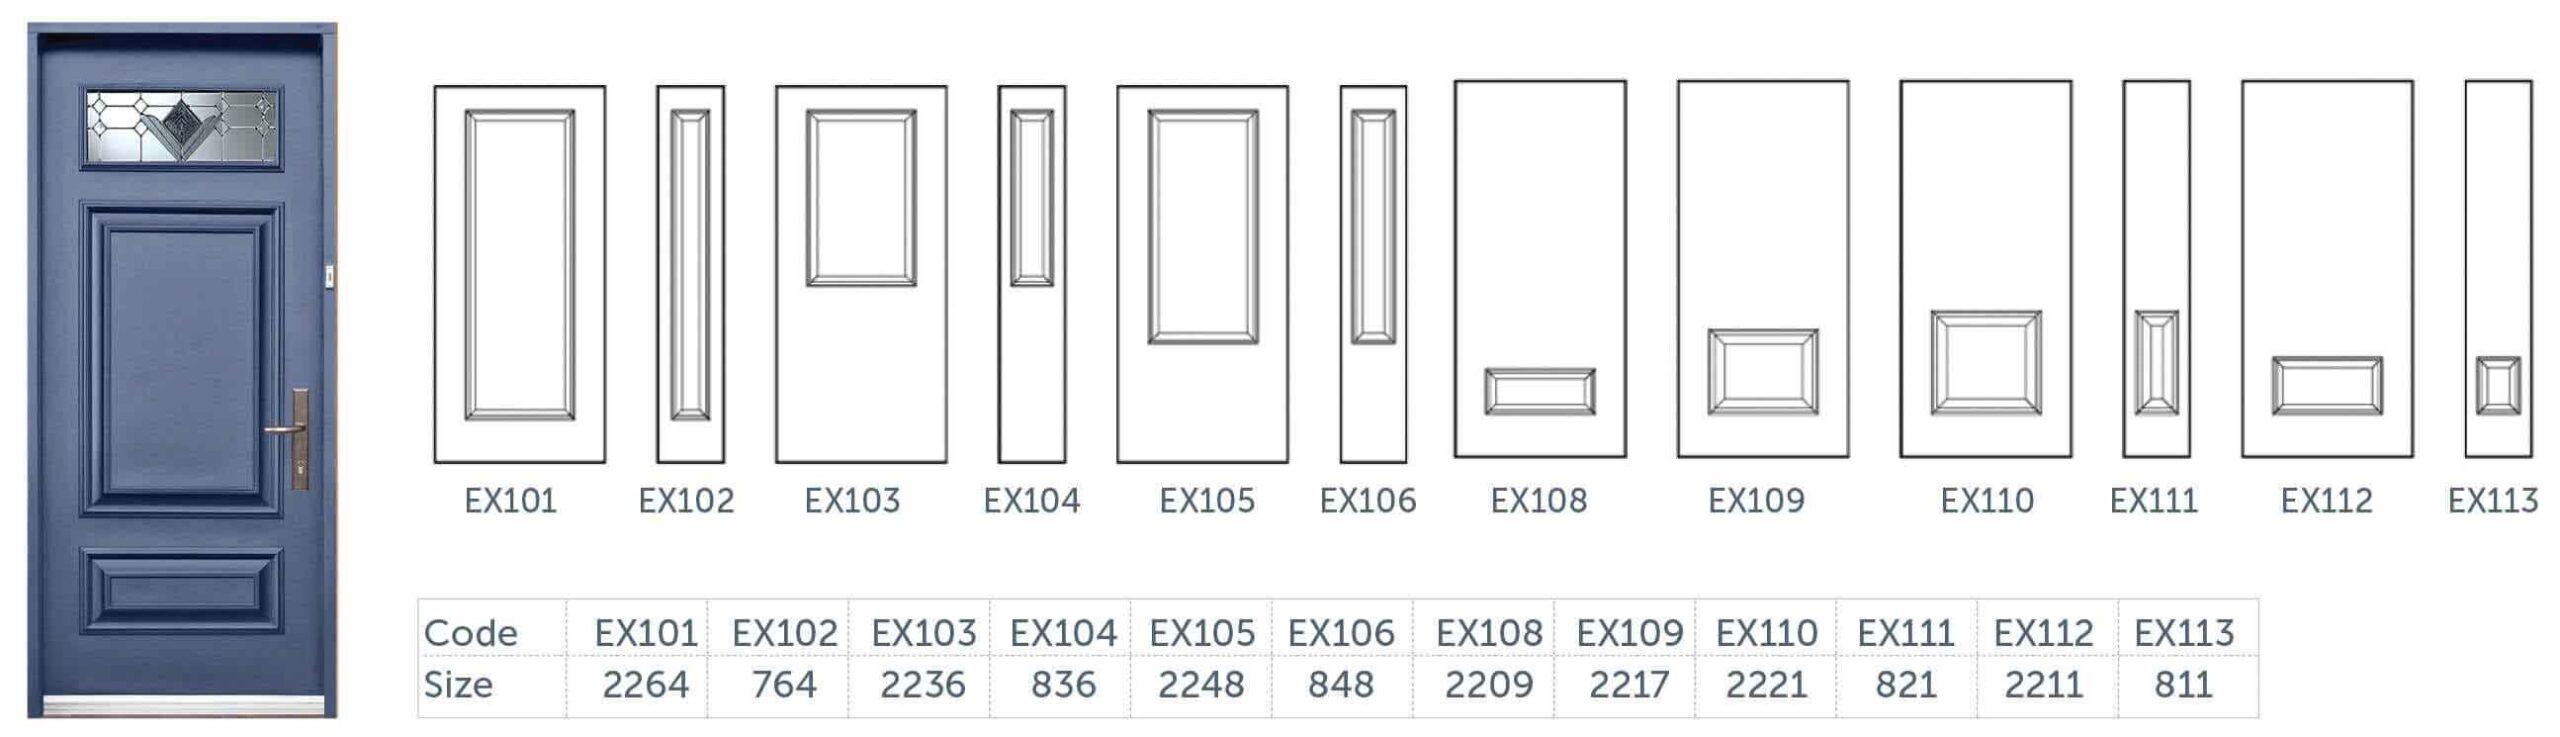 Entry Door Insert Options2